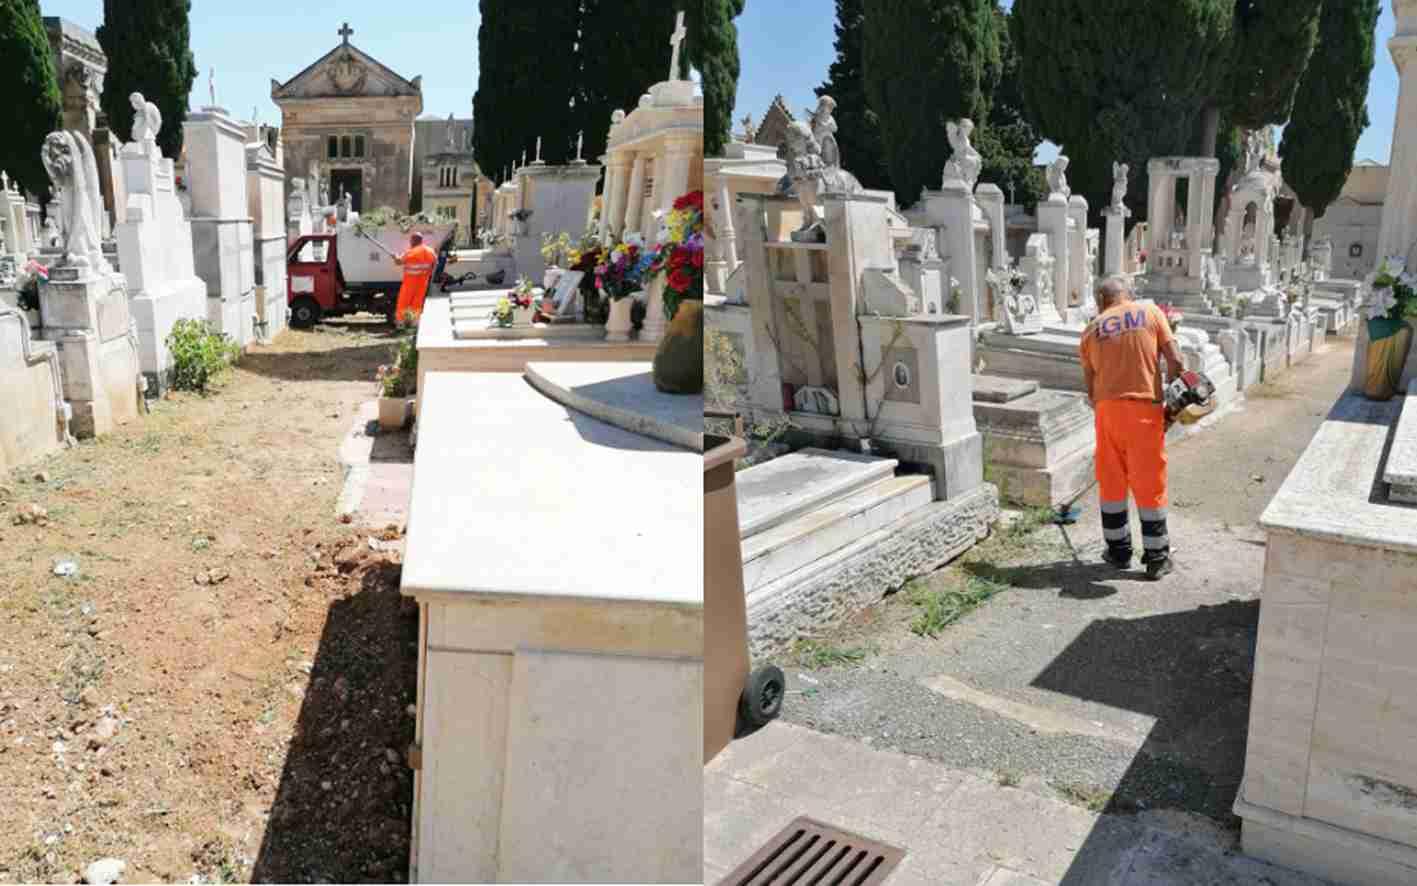 Ritorna il decoro al cimitero comunale, meglio tardi che mai